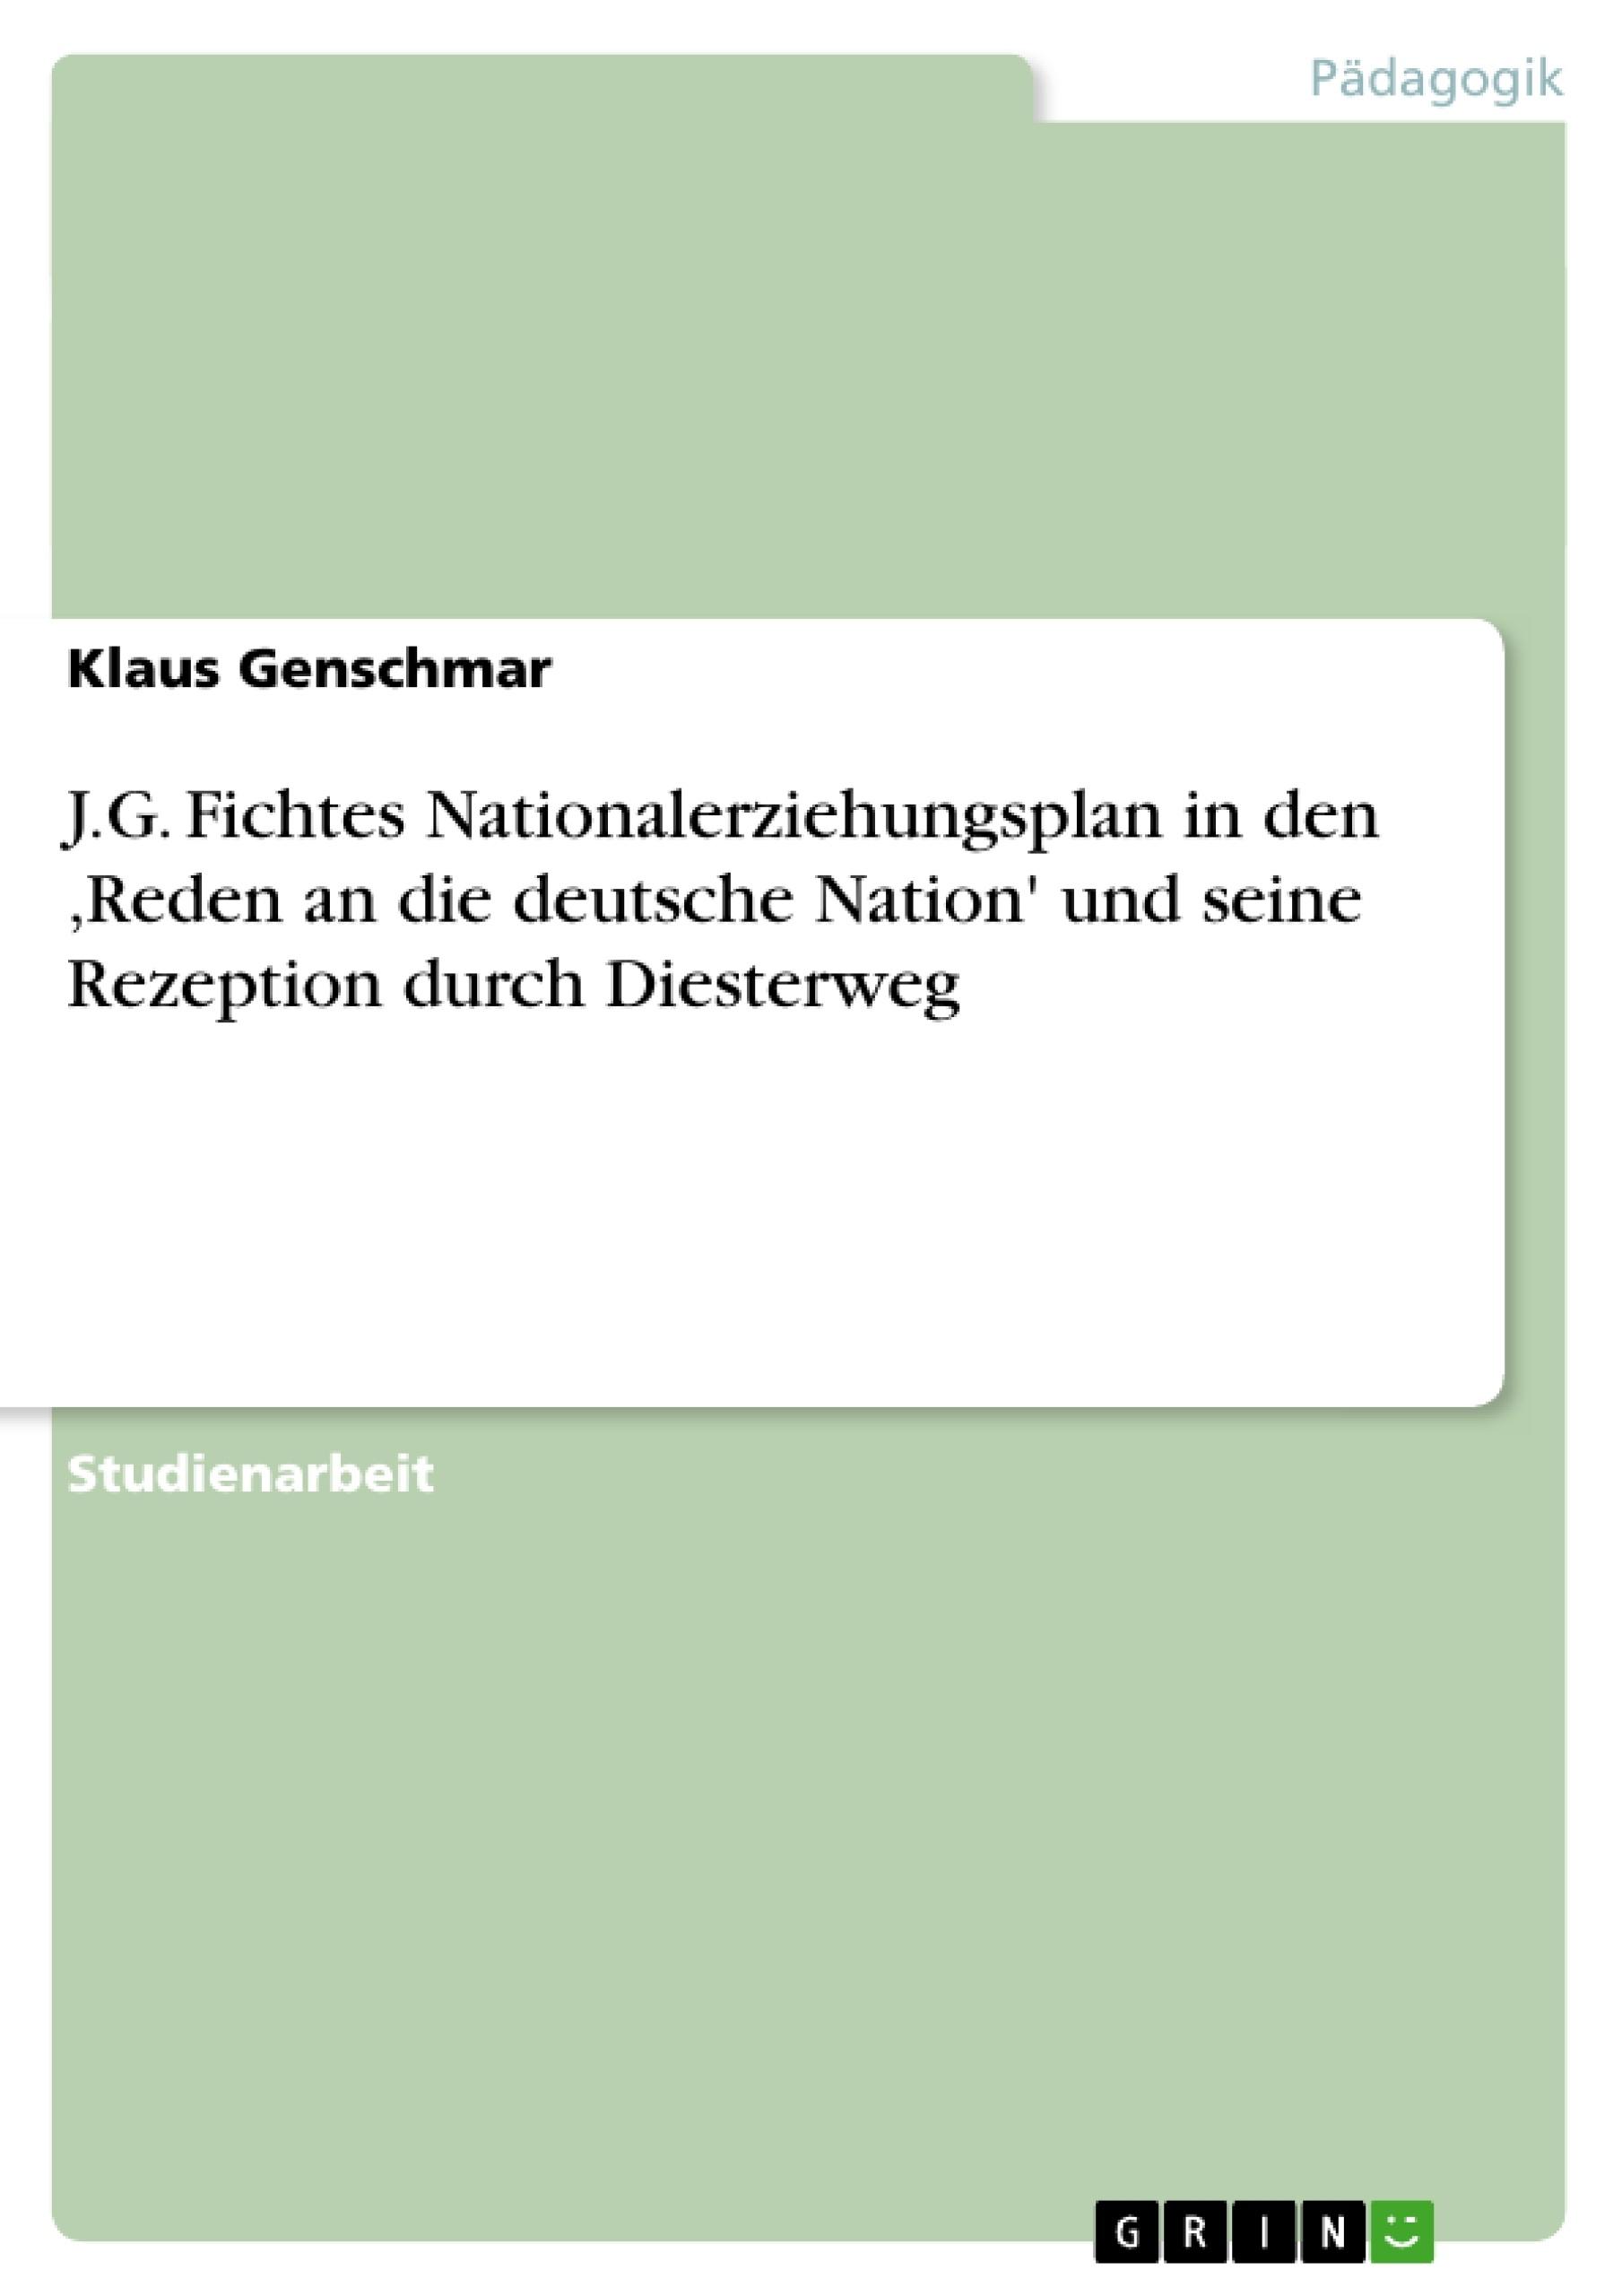 Titel: J.G. Fichtes Nationalerziehungsplan in den ,Reden an die deutsche Nation' und seine Rezeption durch Diesterweg